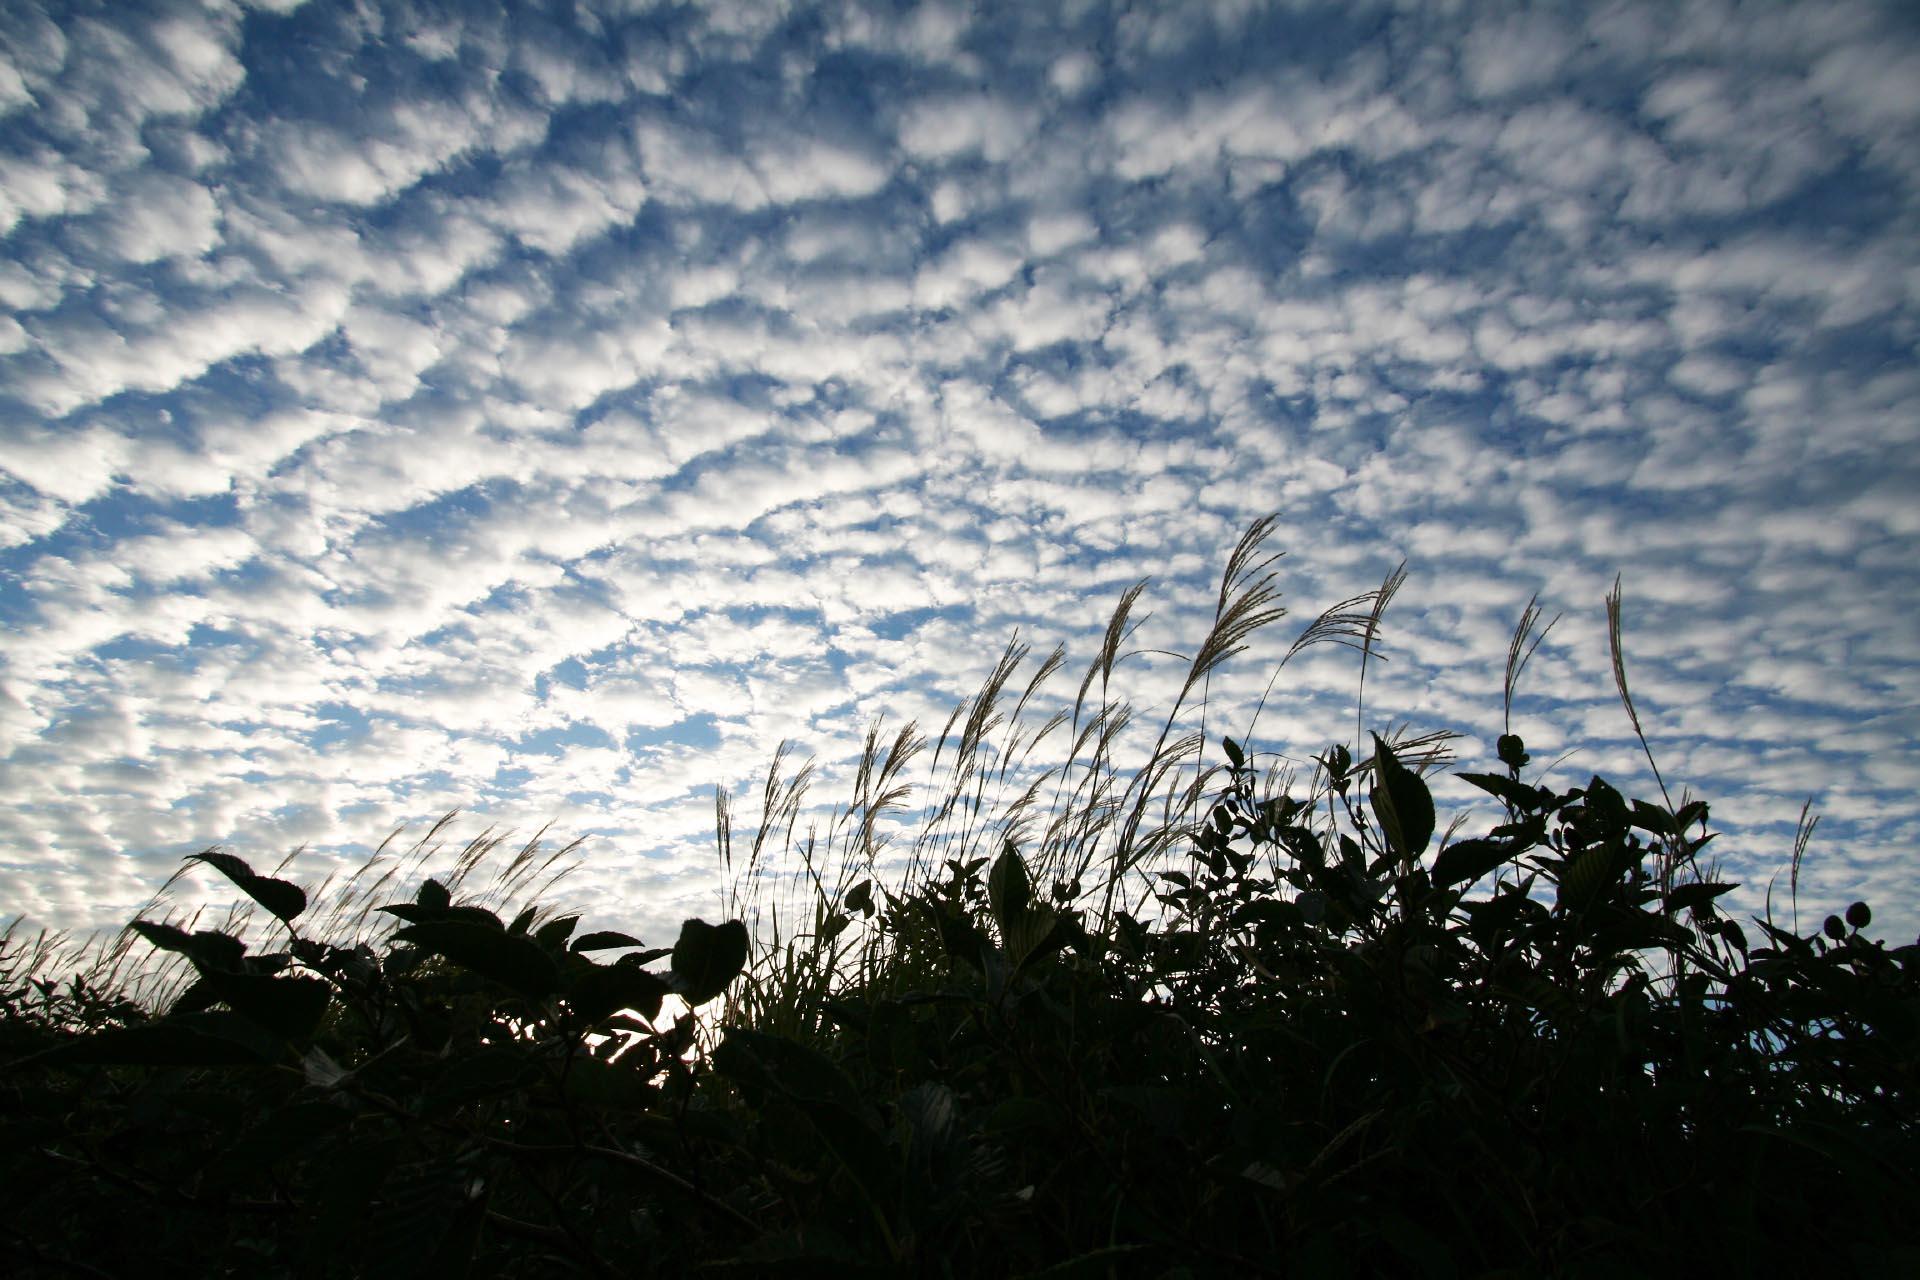 秋の朝の空 熊本の風景